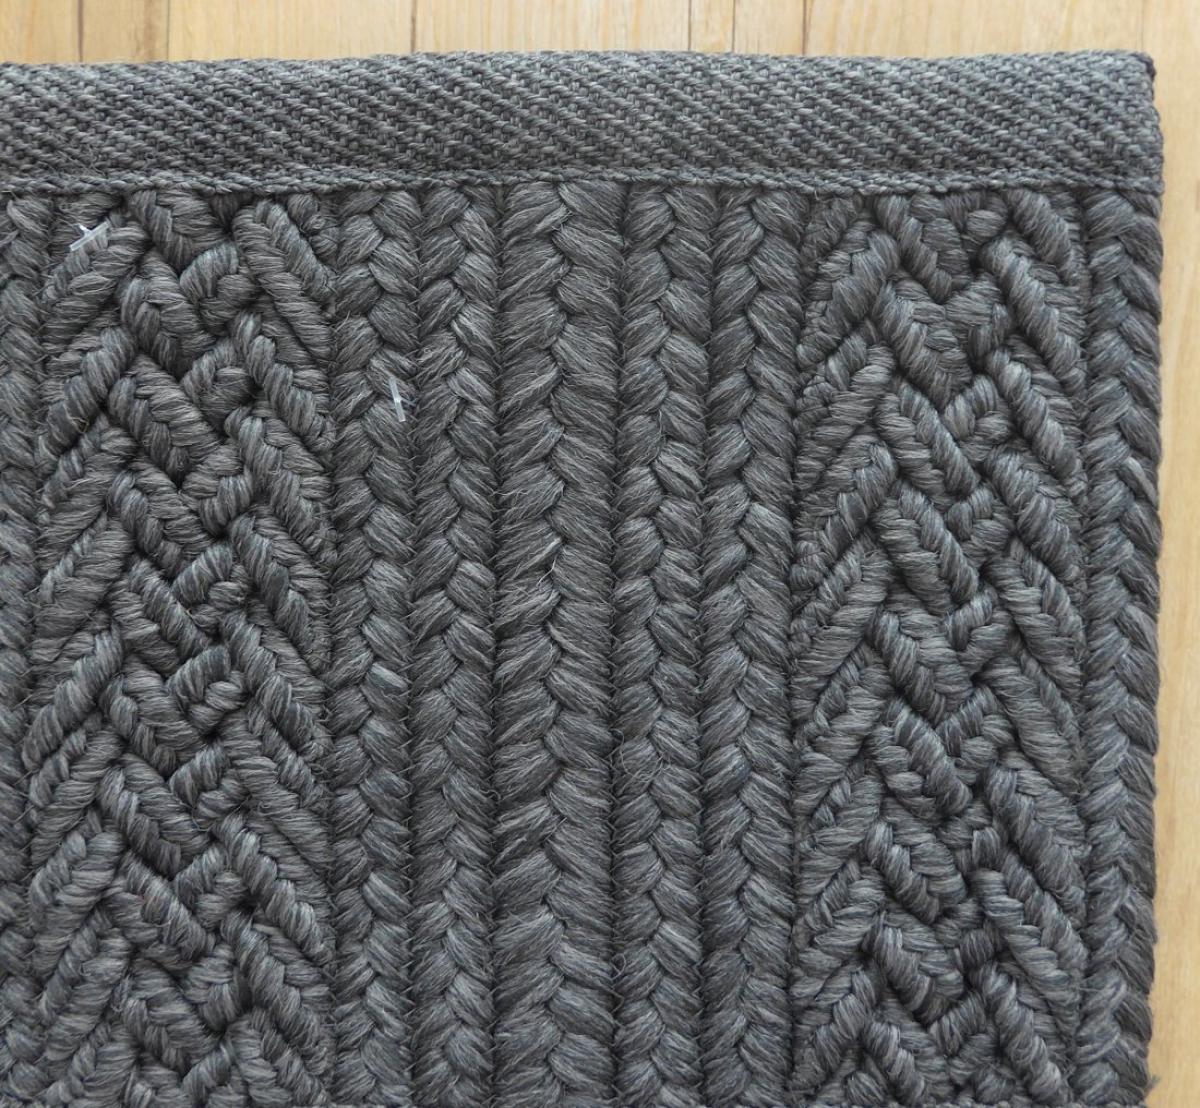 teppich toulemonde bochart torsade anthracite. Black Bedroom Furniture Sets. Home Design Ideas